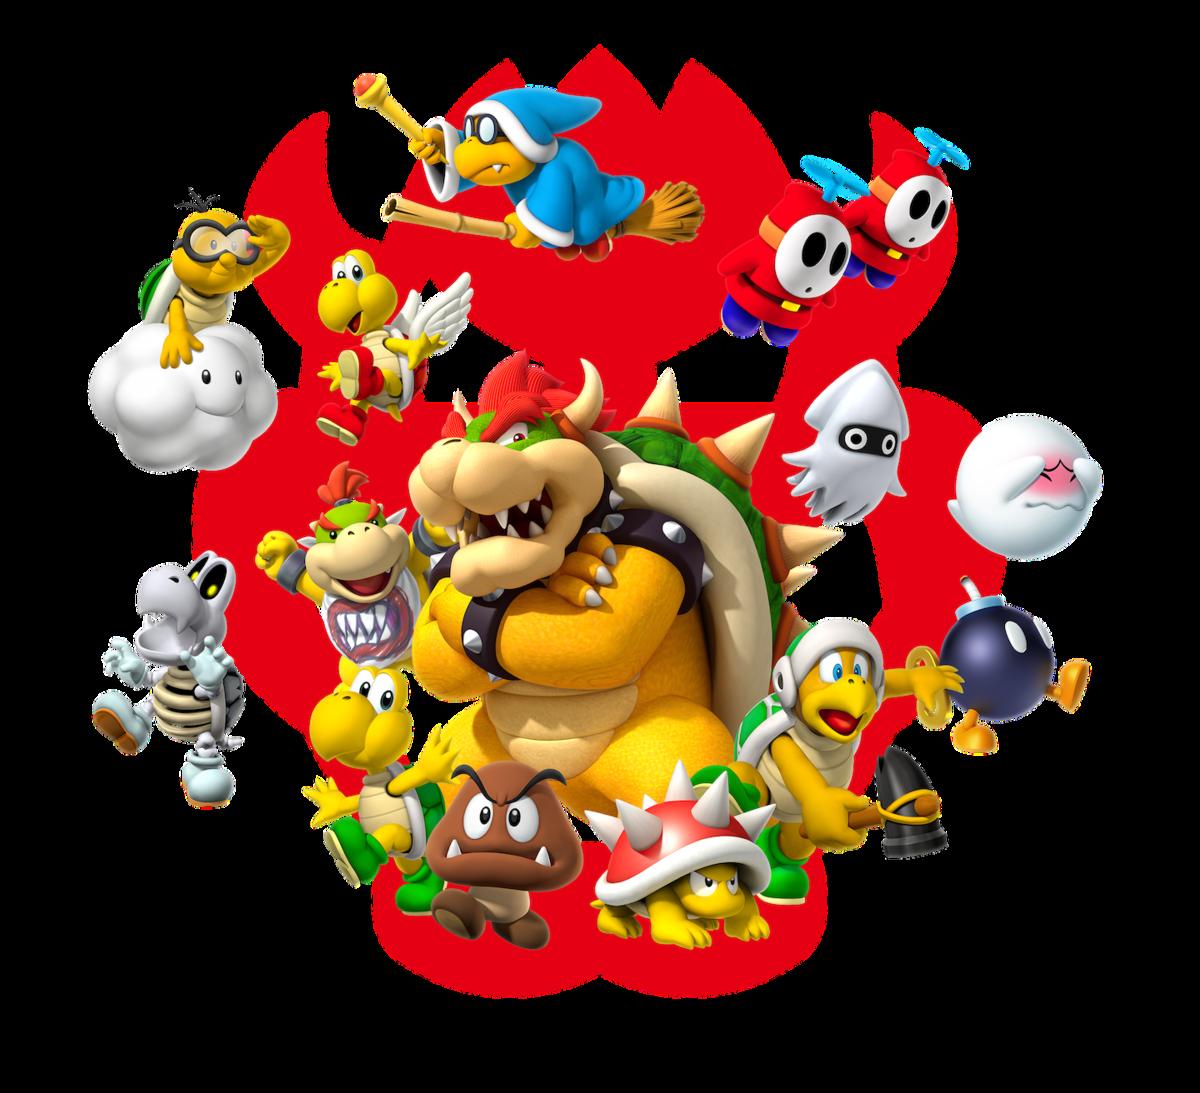 Koopa Troop Super Mario Wiki The Mario Encyclopedia